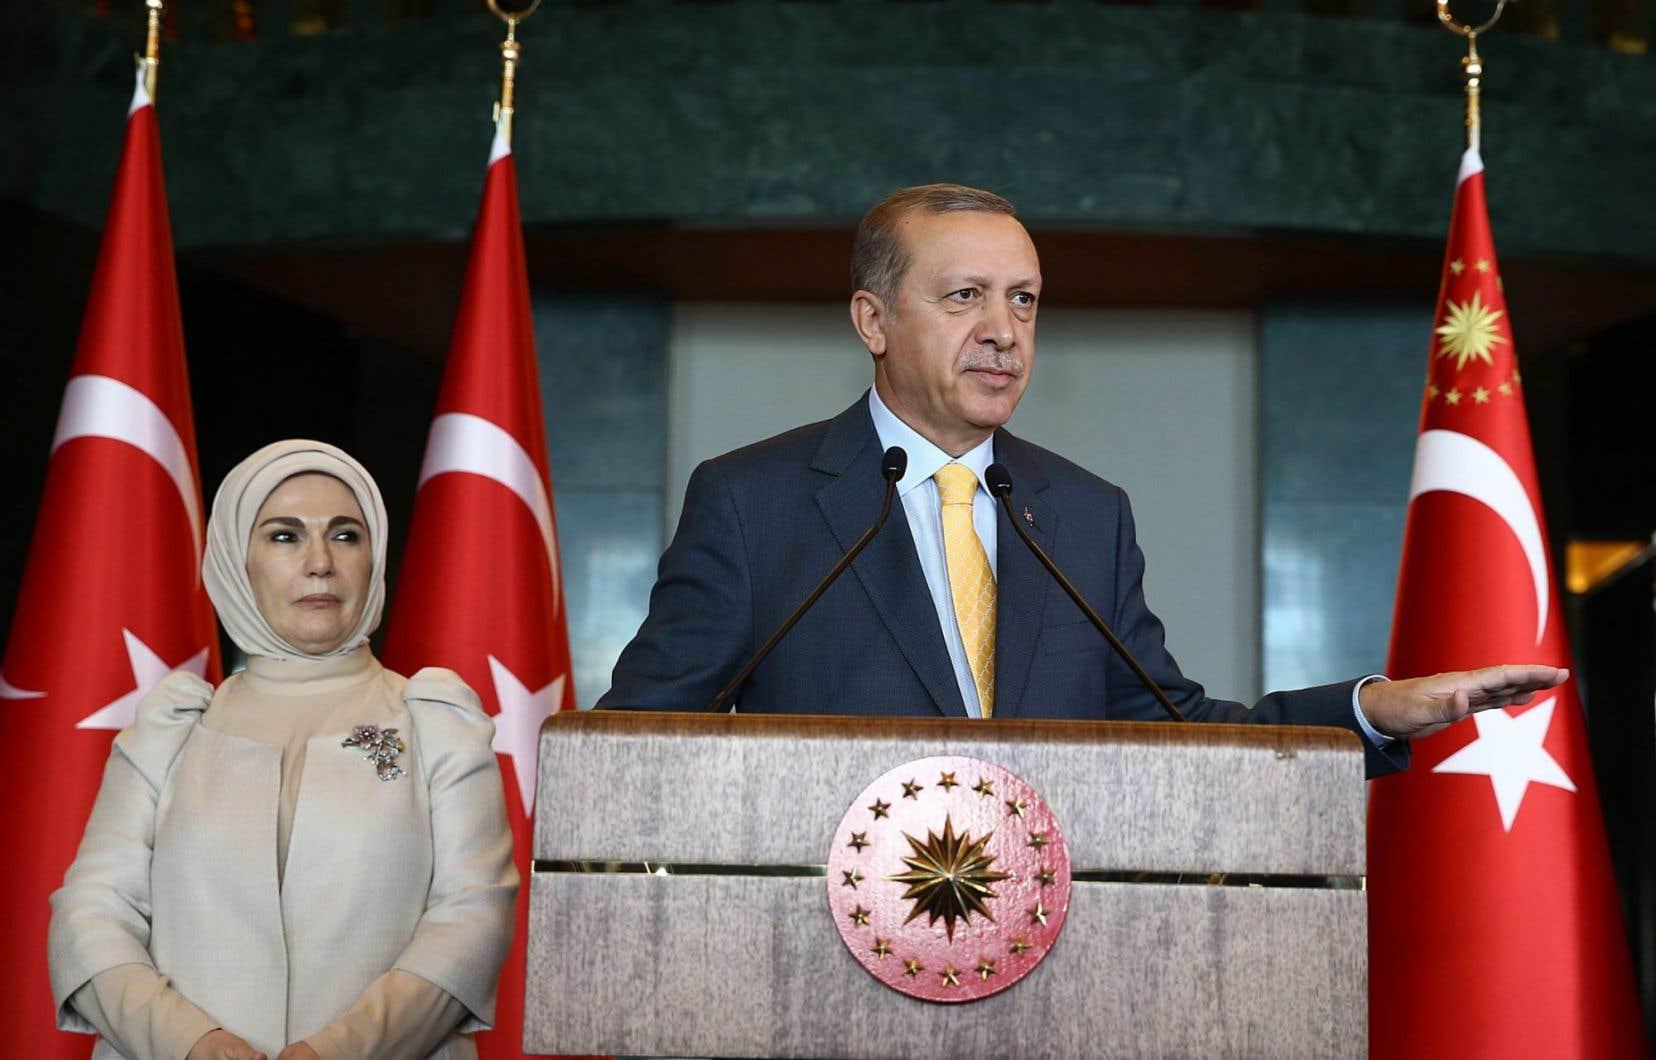 Les critiques accusent Recep Tayyip Erdogan d'organiser des rassemblements partisans afin d'engranger des votes pour son parti (AKP)alors que la loi l'oblige à rester neutre.<br />